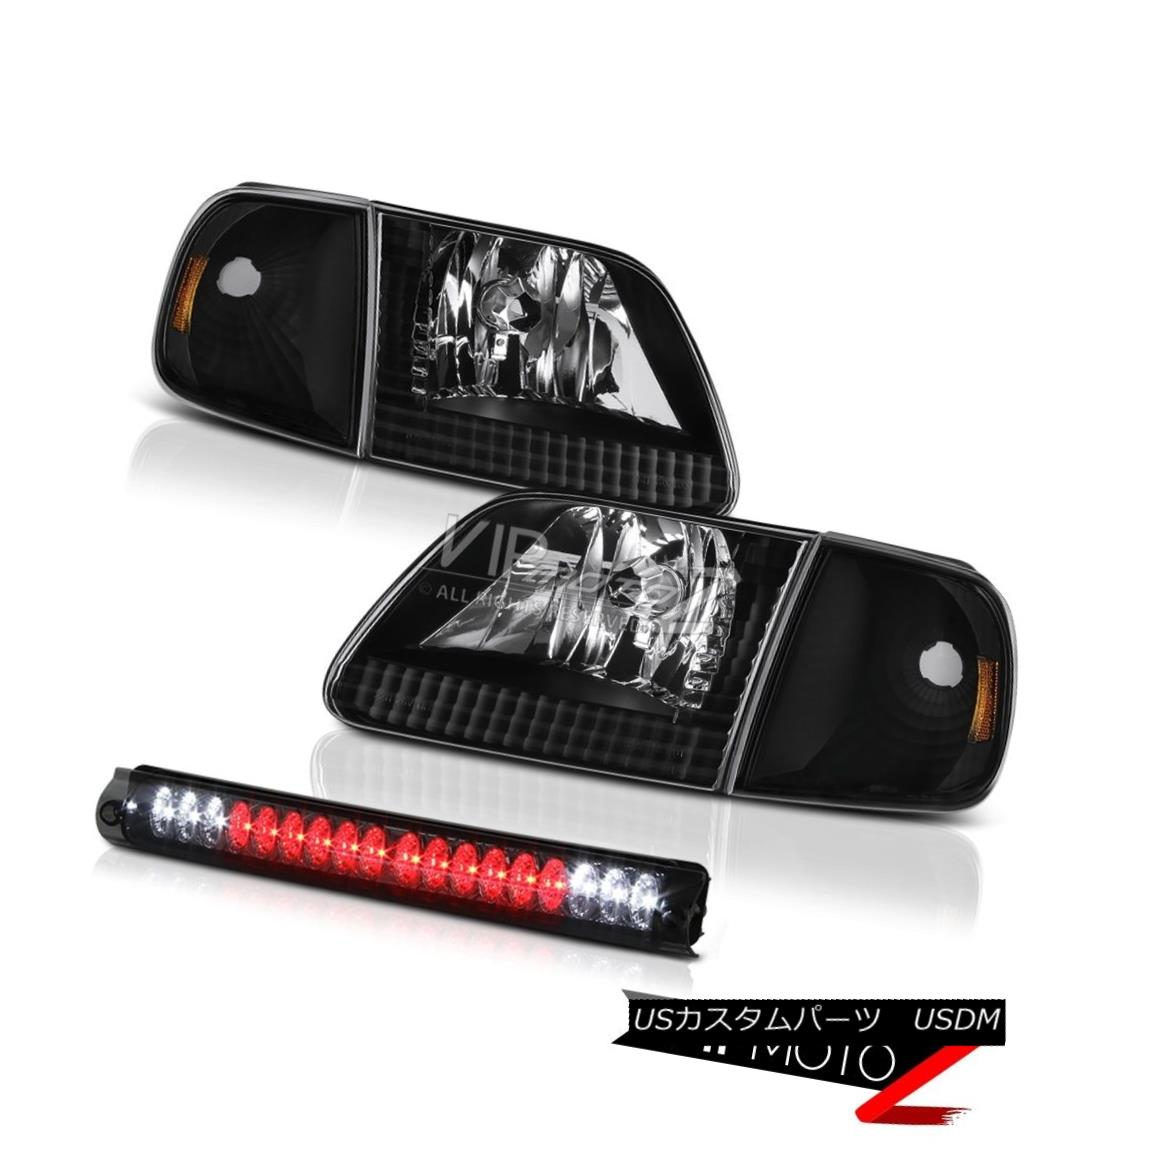 ヘッドライト Black Corner Headlights Tinted 3rd Brake LED 1997-2003 Ford F150 Flareside 5.4L 黒いコーナーヘッドライトは、第3ブレーキLEDを着色しました。1997-2003 Ford F150 Flareside 5.4L